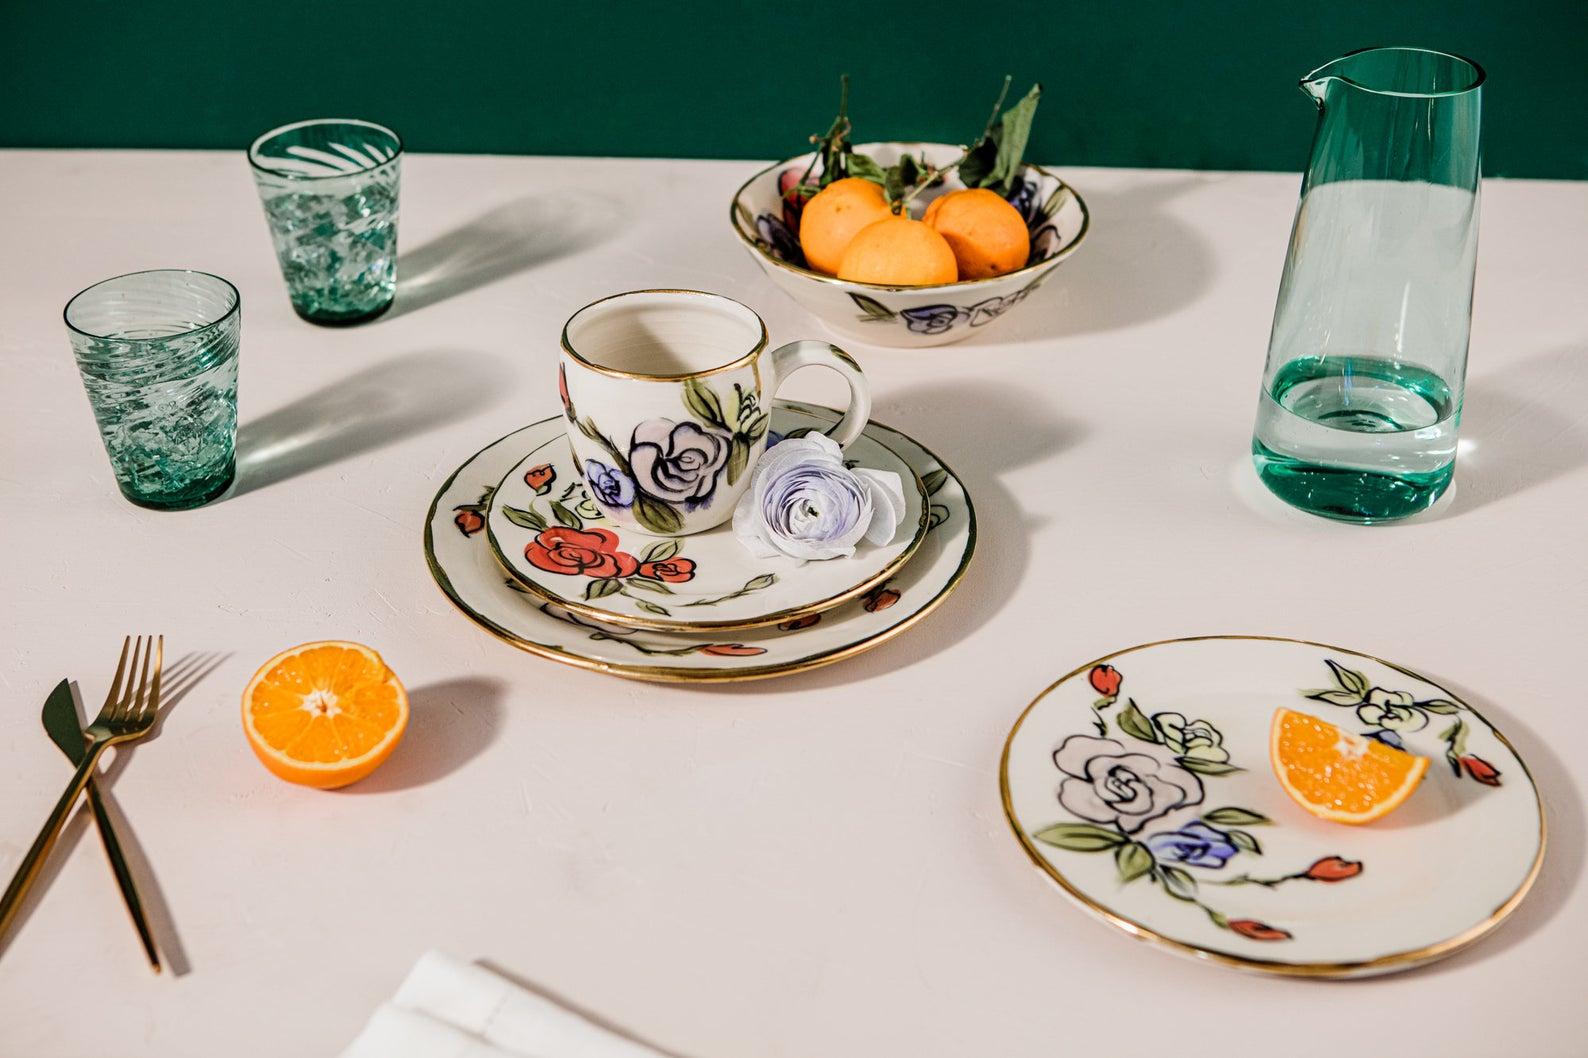 Service à thé aux motifs floraux et bordures dorées, Prabal Gurung x Etsy avec TwinettePoterie, à partir de 73,88€.